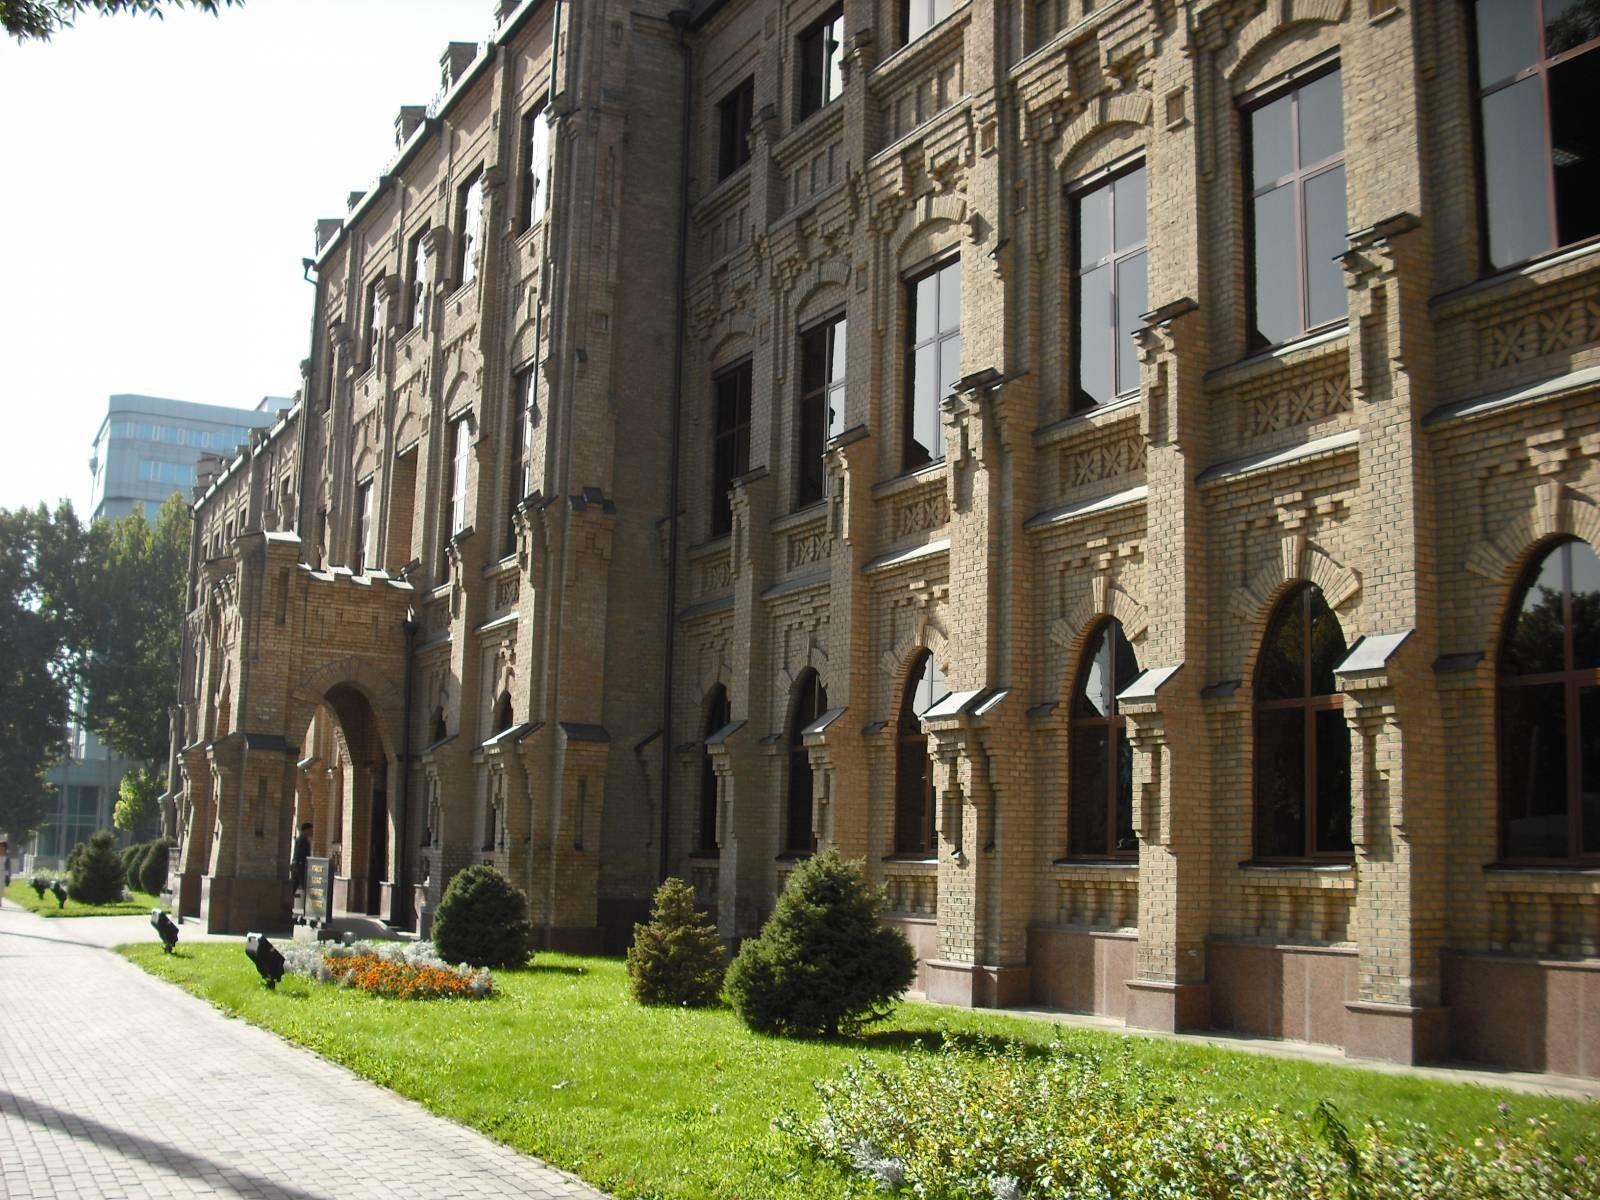 Стоимость обучения в Вестминстерском университете не меняется уже 2 года